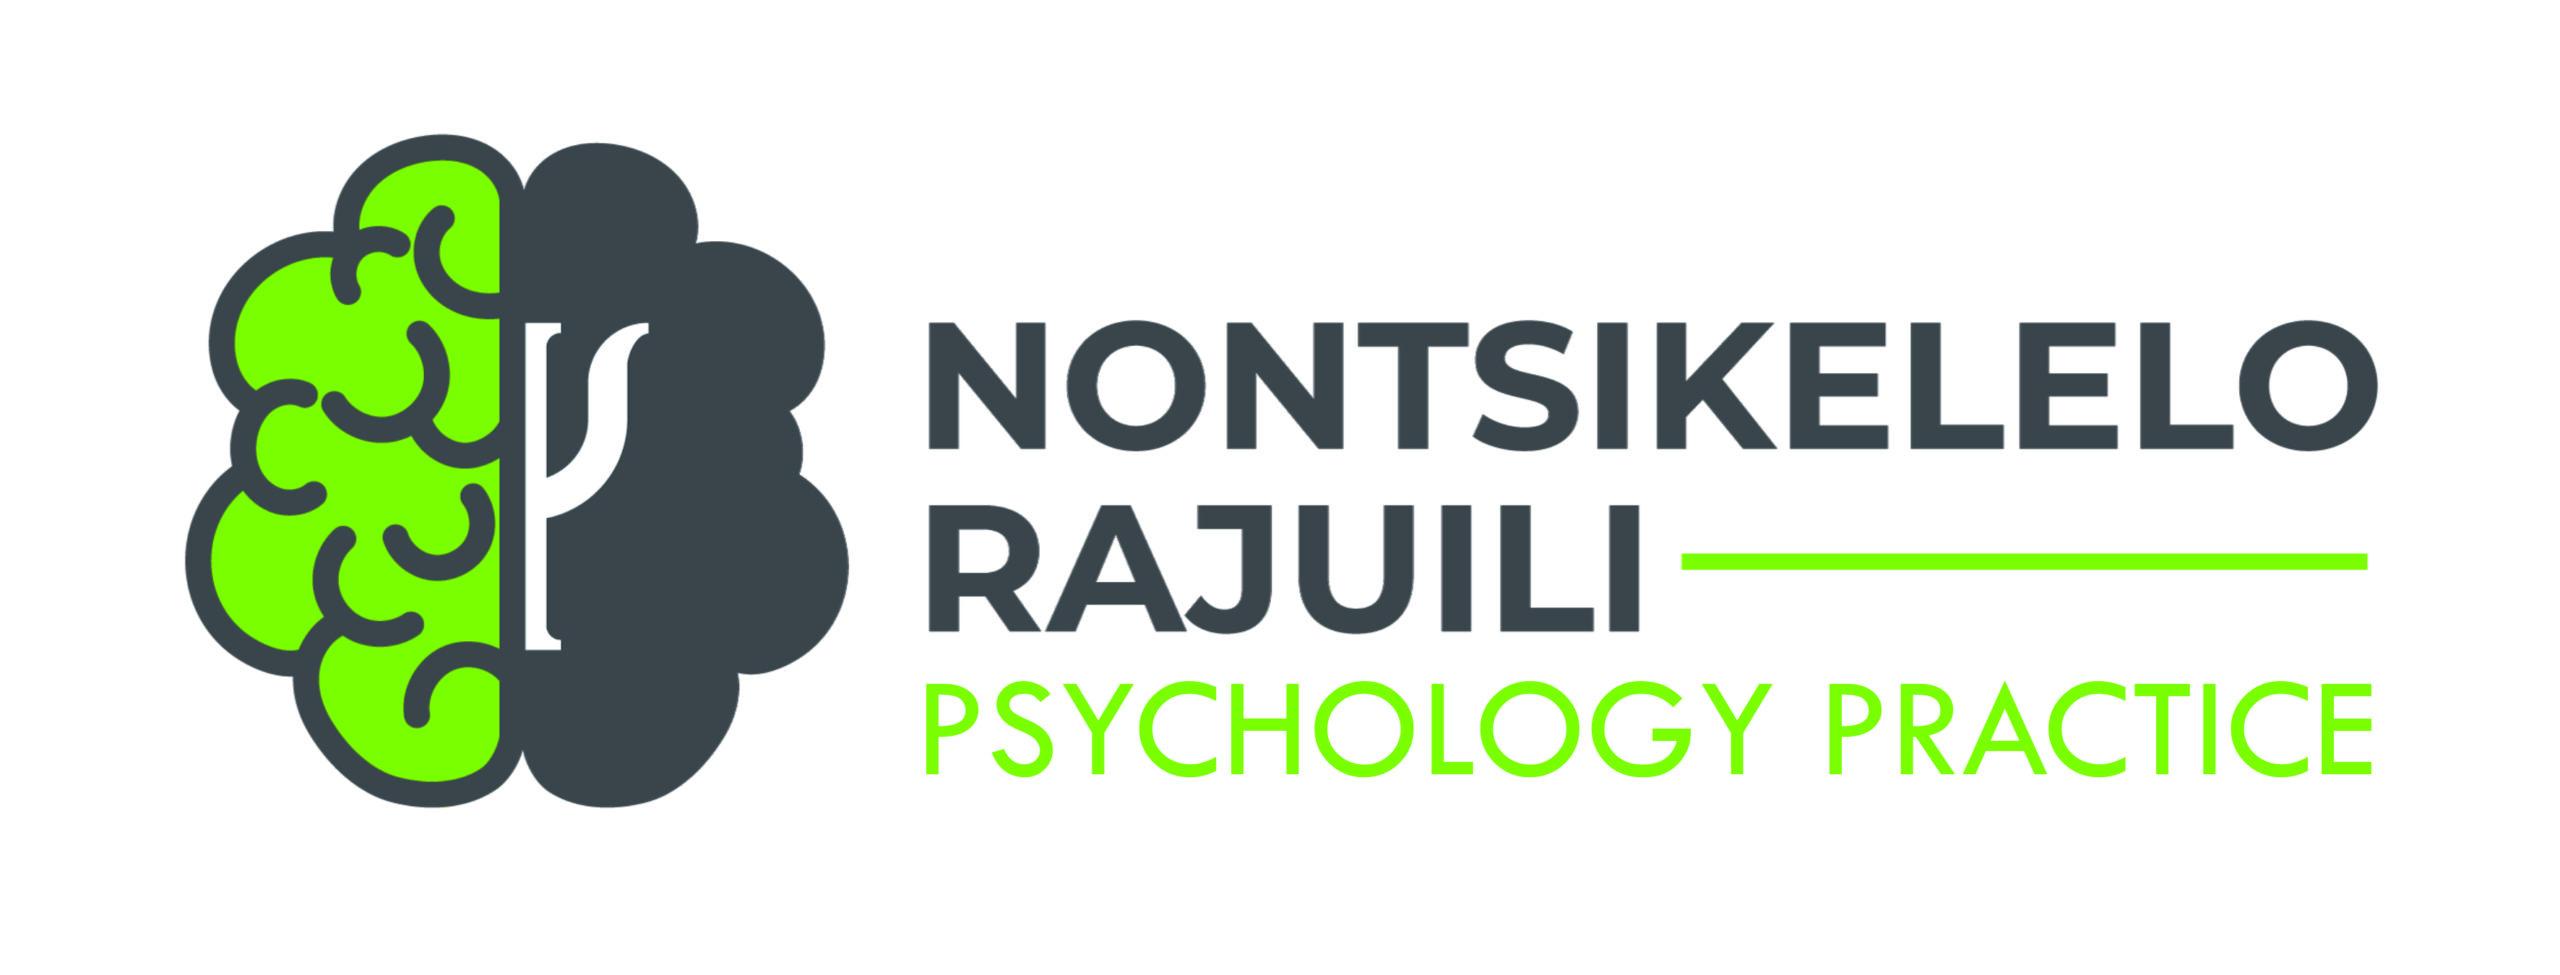 Nontsikelelo Rajuili Psychology Practice